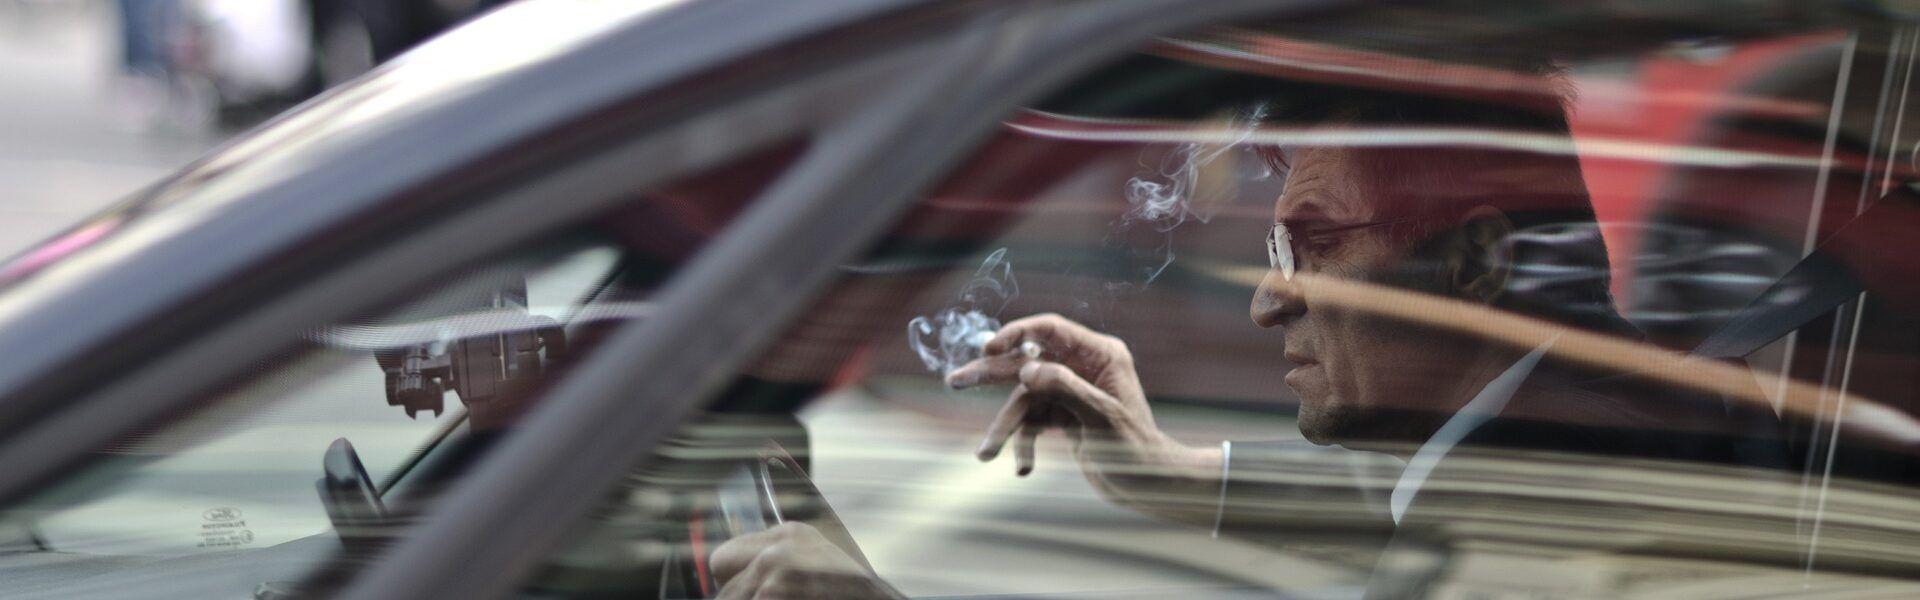 fumar-mientras-conduces